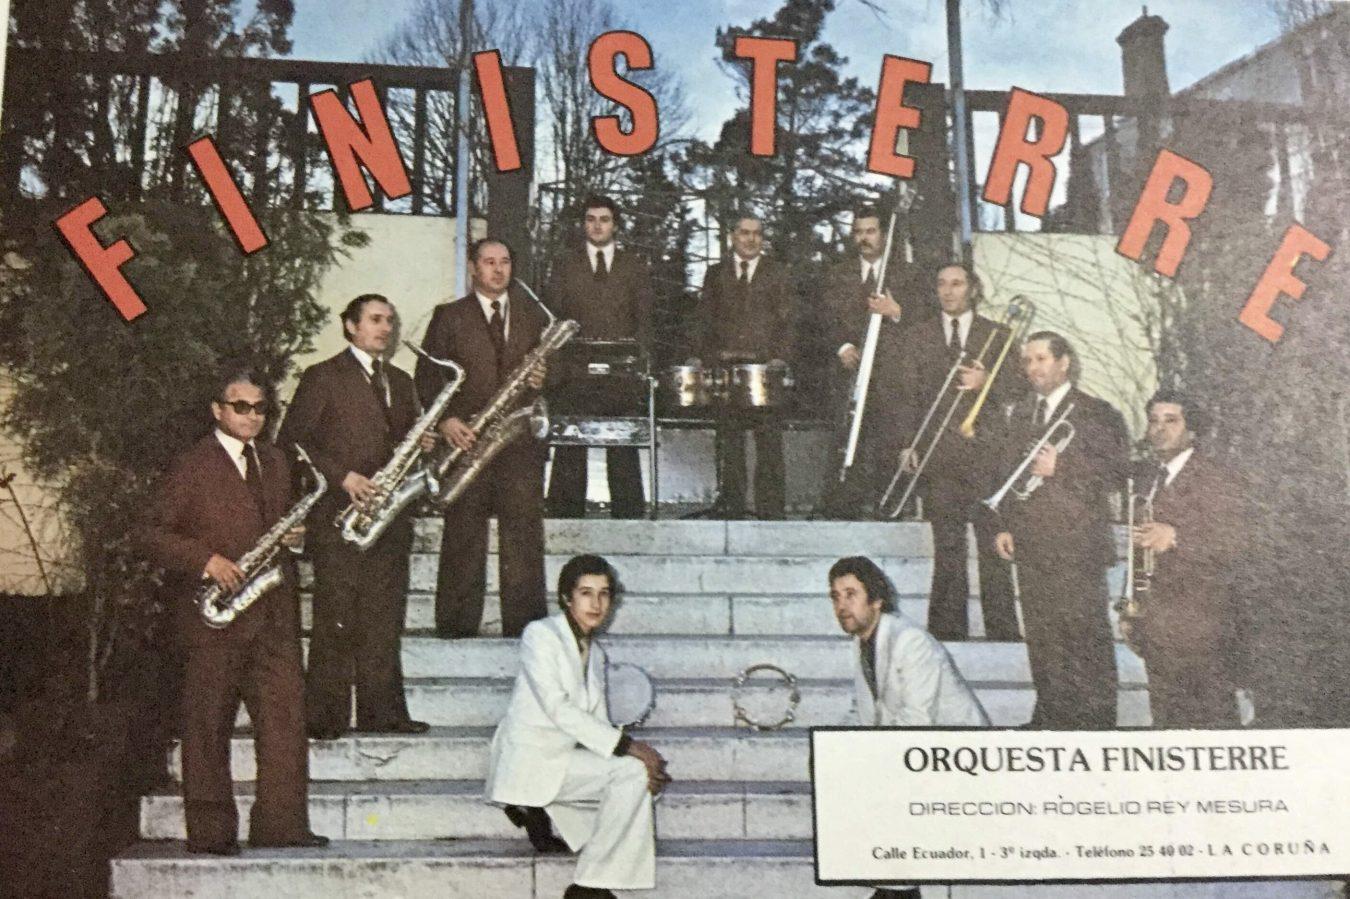 La orquesta Finisterre pasó por Ribadesella 40 años después de su actuación en Collera